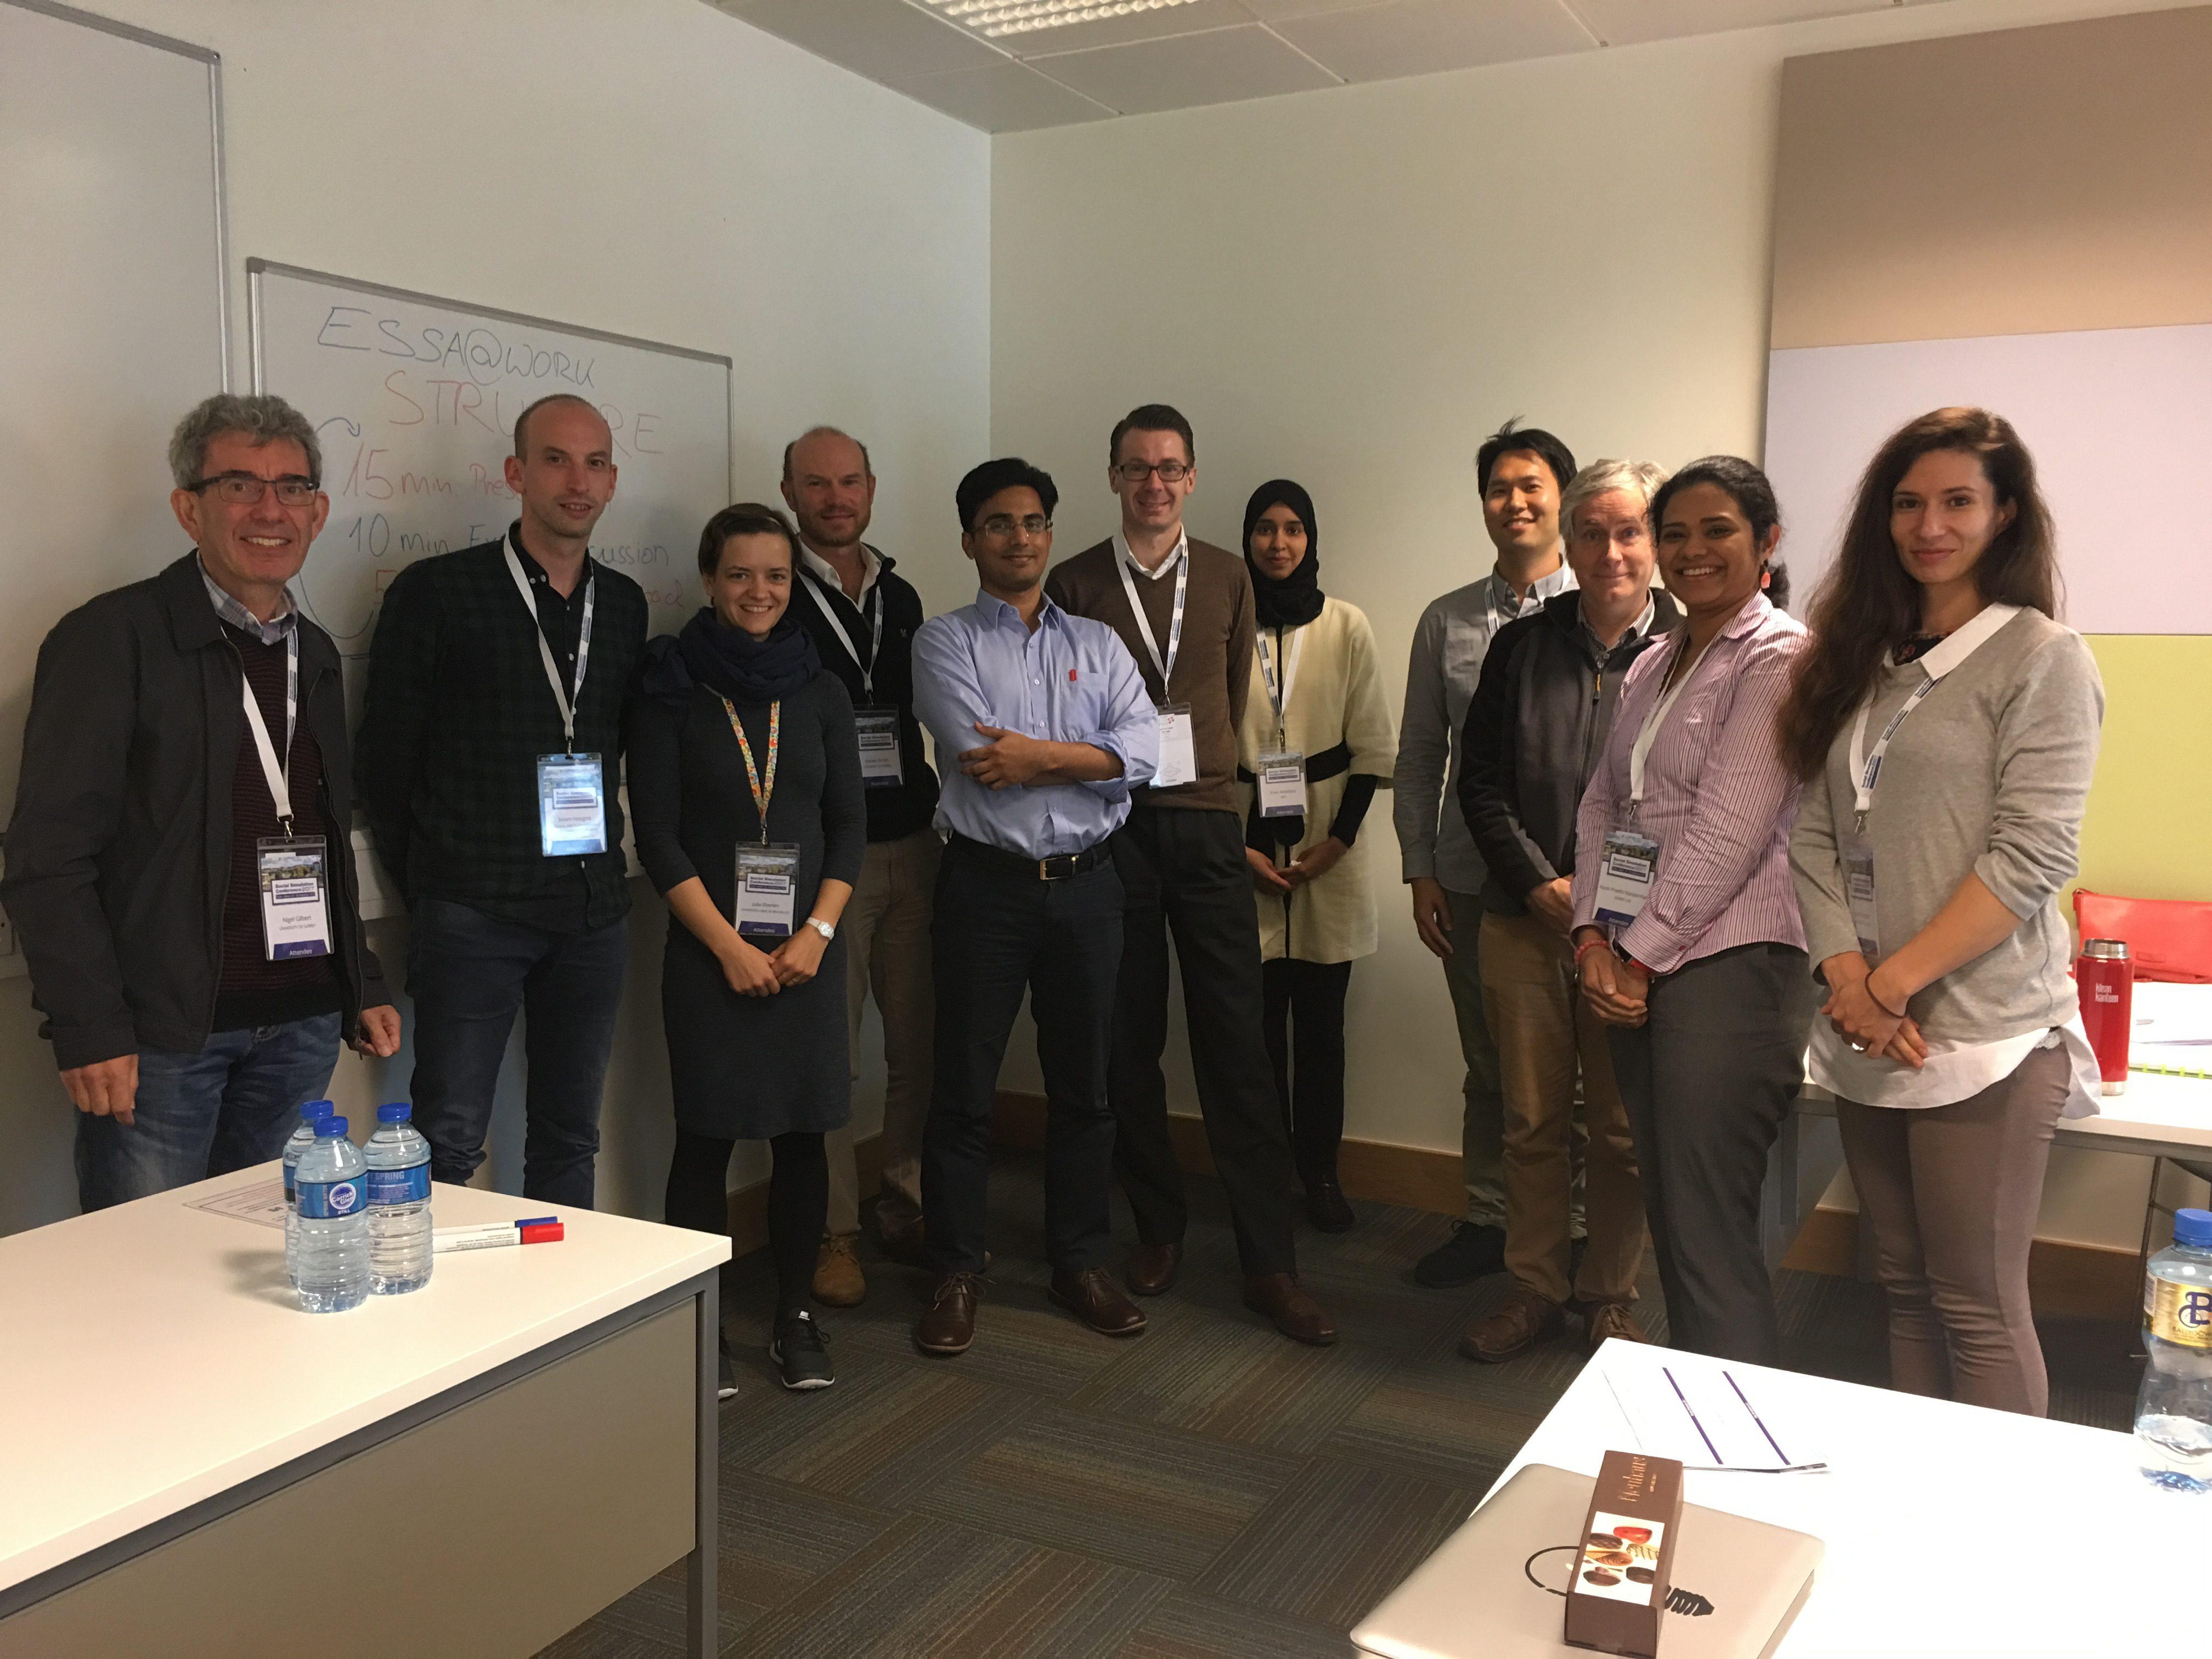 ESSA@work 2017 Dublin Meeting